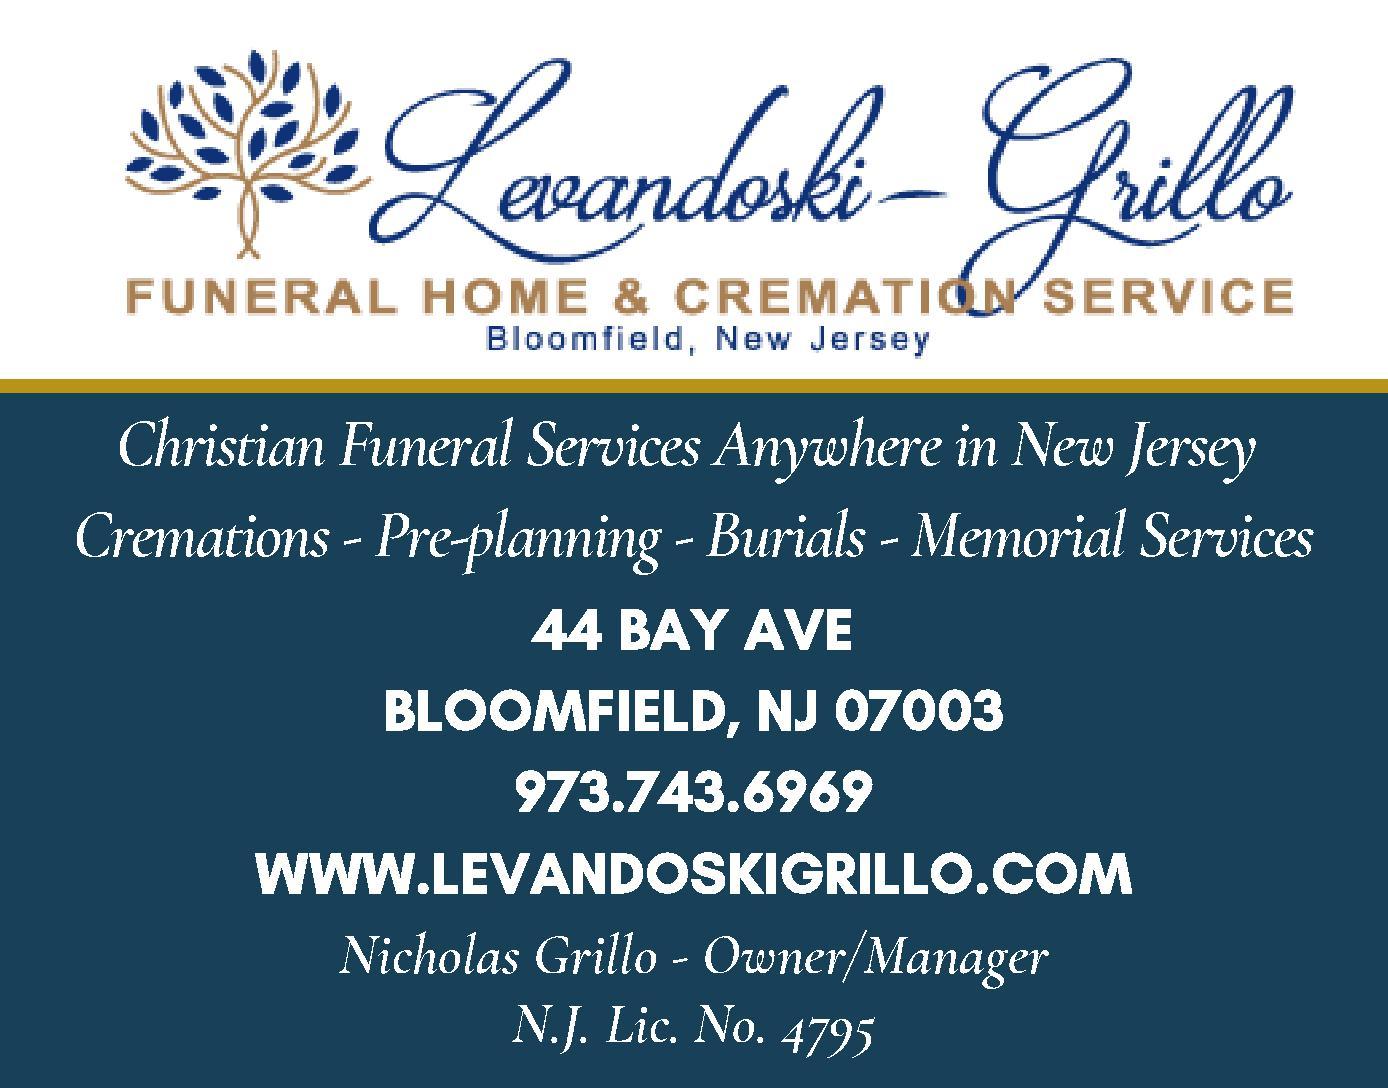 Levandoski - Grillo Funeral Home